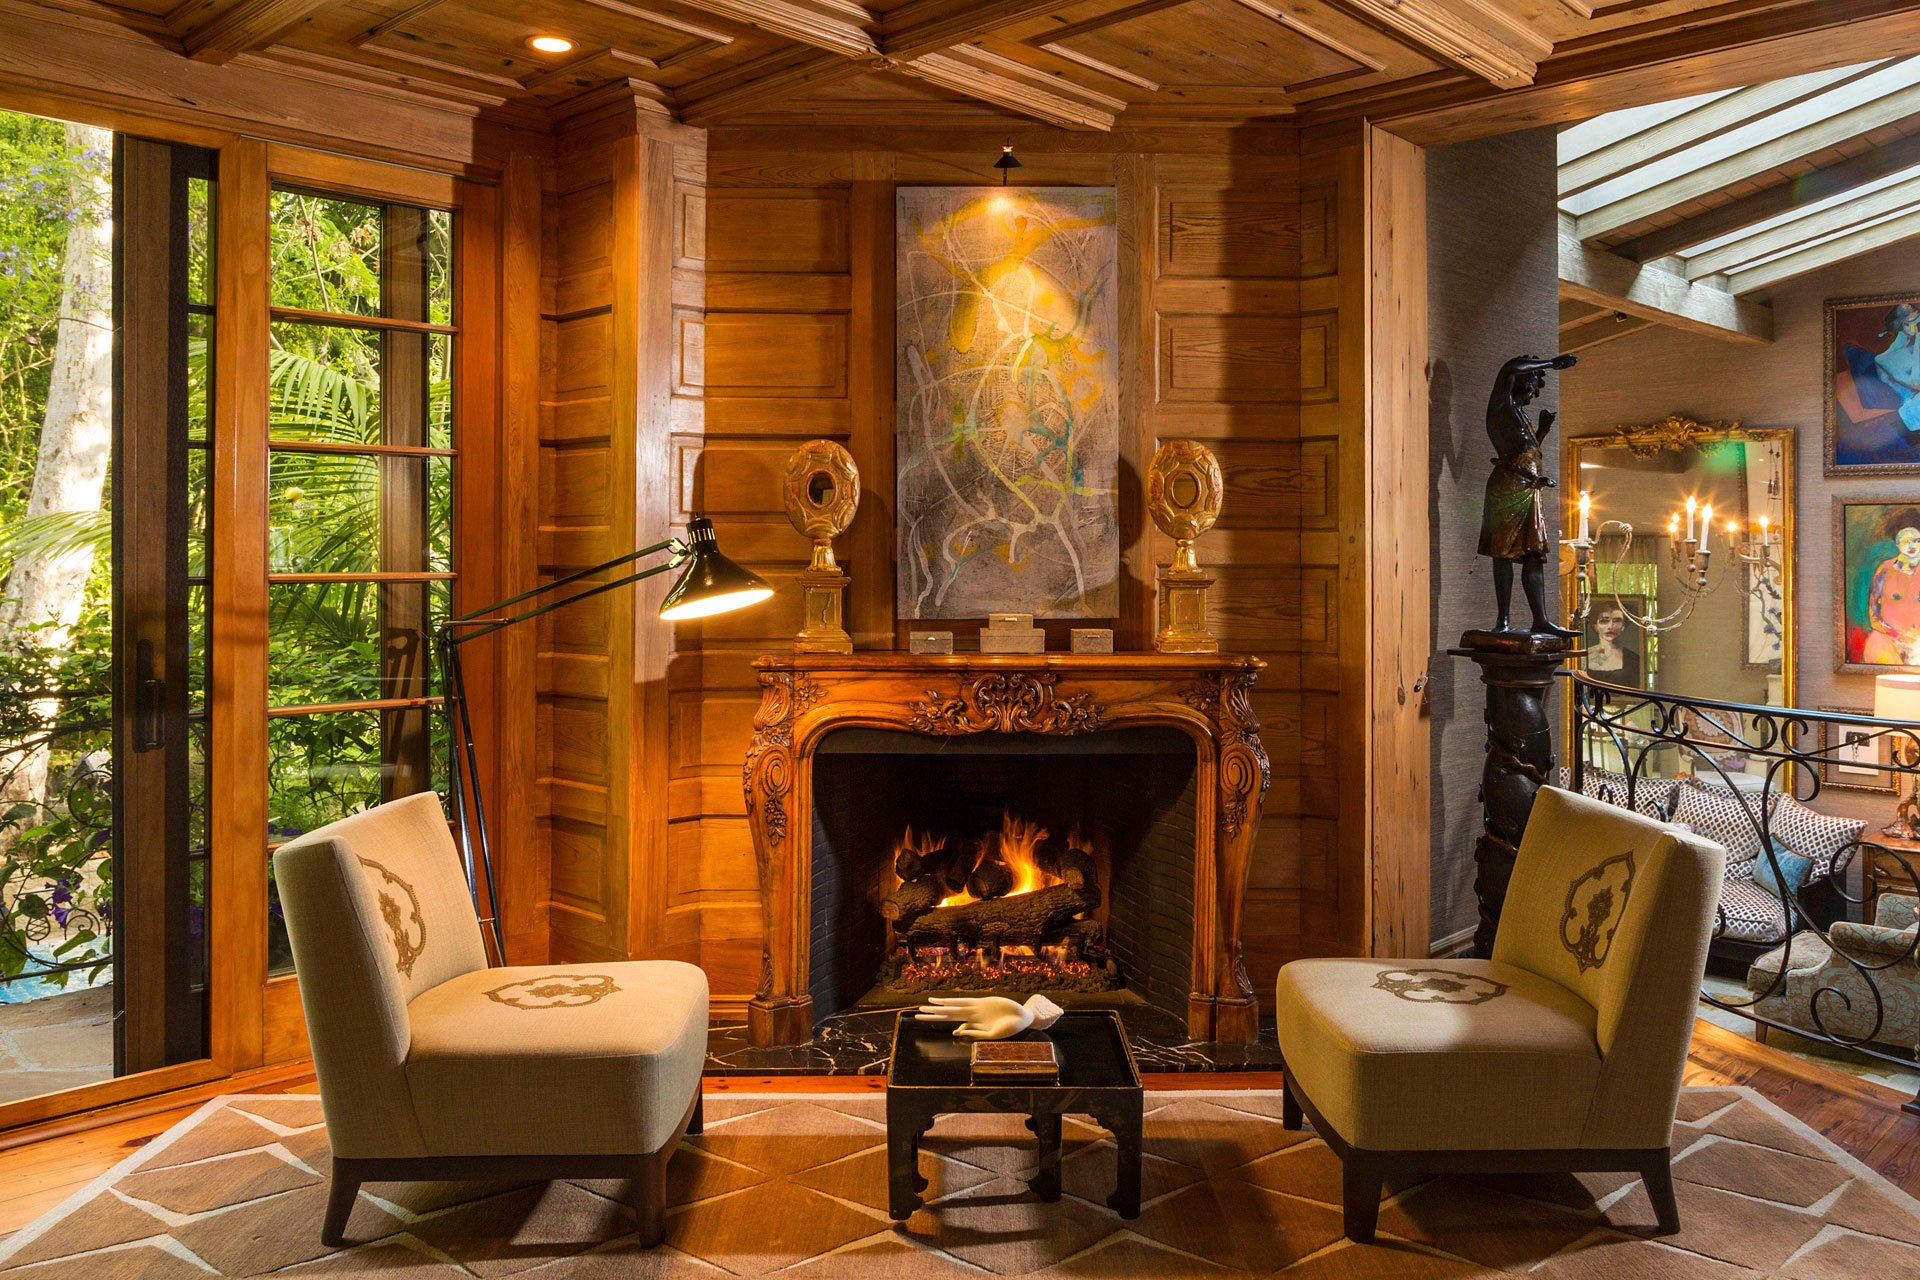 Un exclusivo lugar de lectura, junto a la chimenea. La mansión tiene repetidos lugares para el relax y el esparcimiento